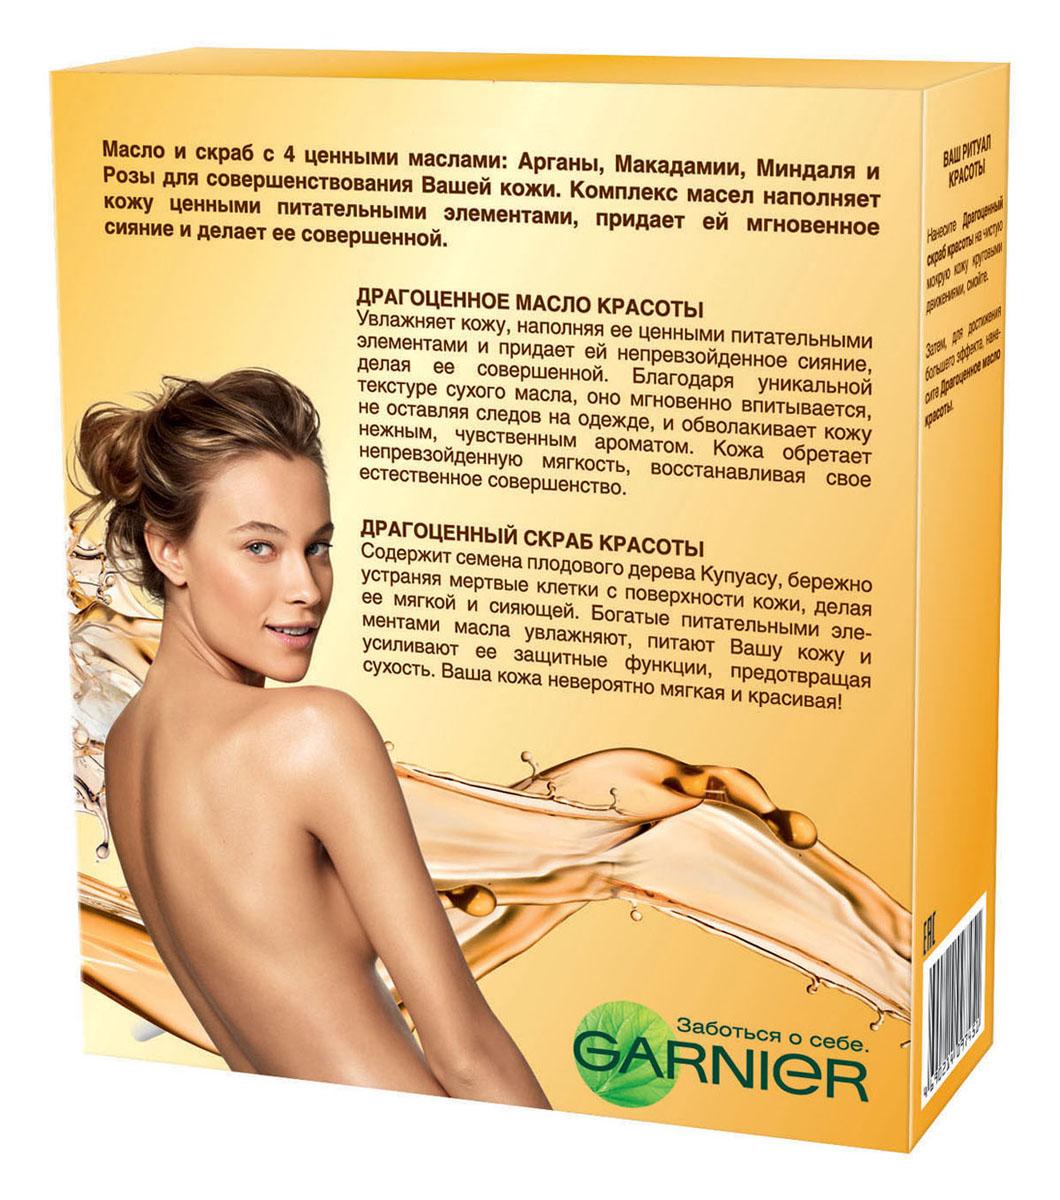 """Garnier Подарочный набор: Масло-спрей для тела """"Ultimate Beauty. Драгоценное масло красоты"""", 150 мл + Скраб для тела """"Драгоценный скраб"""